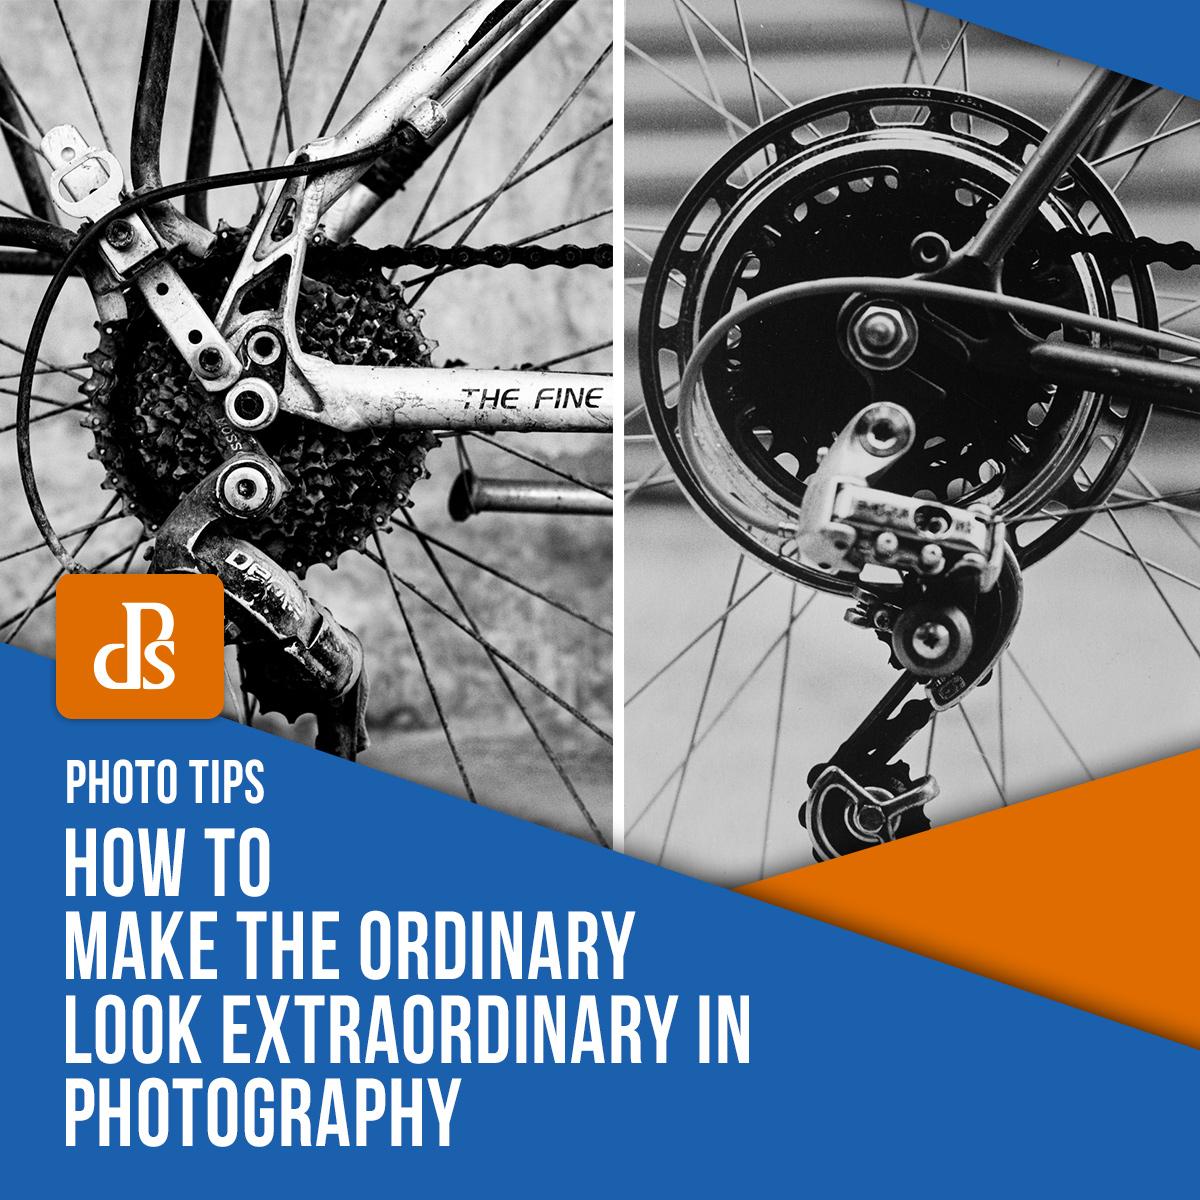 como fotografar coisas comuns imagem característica